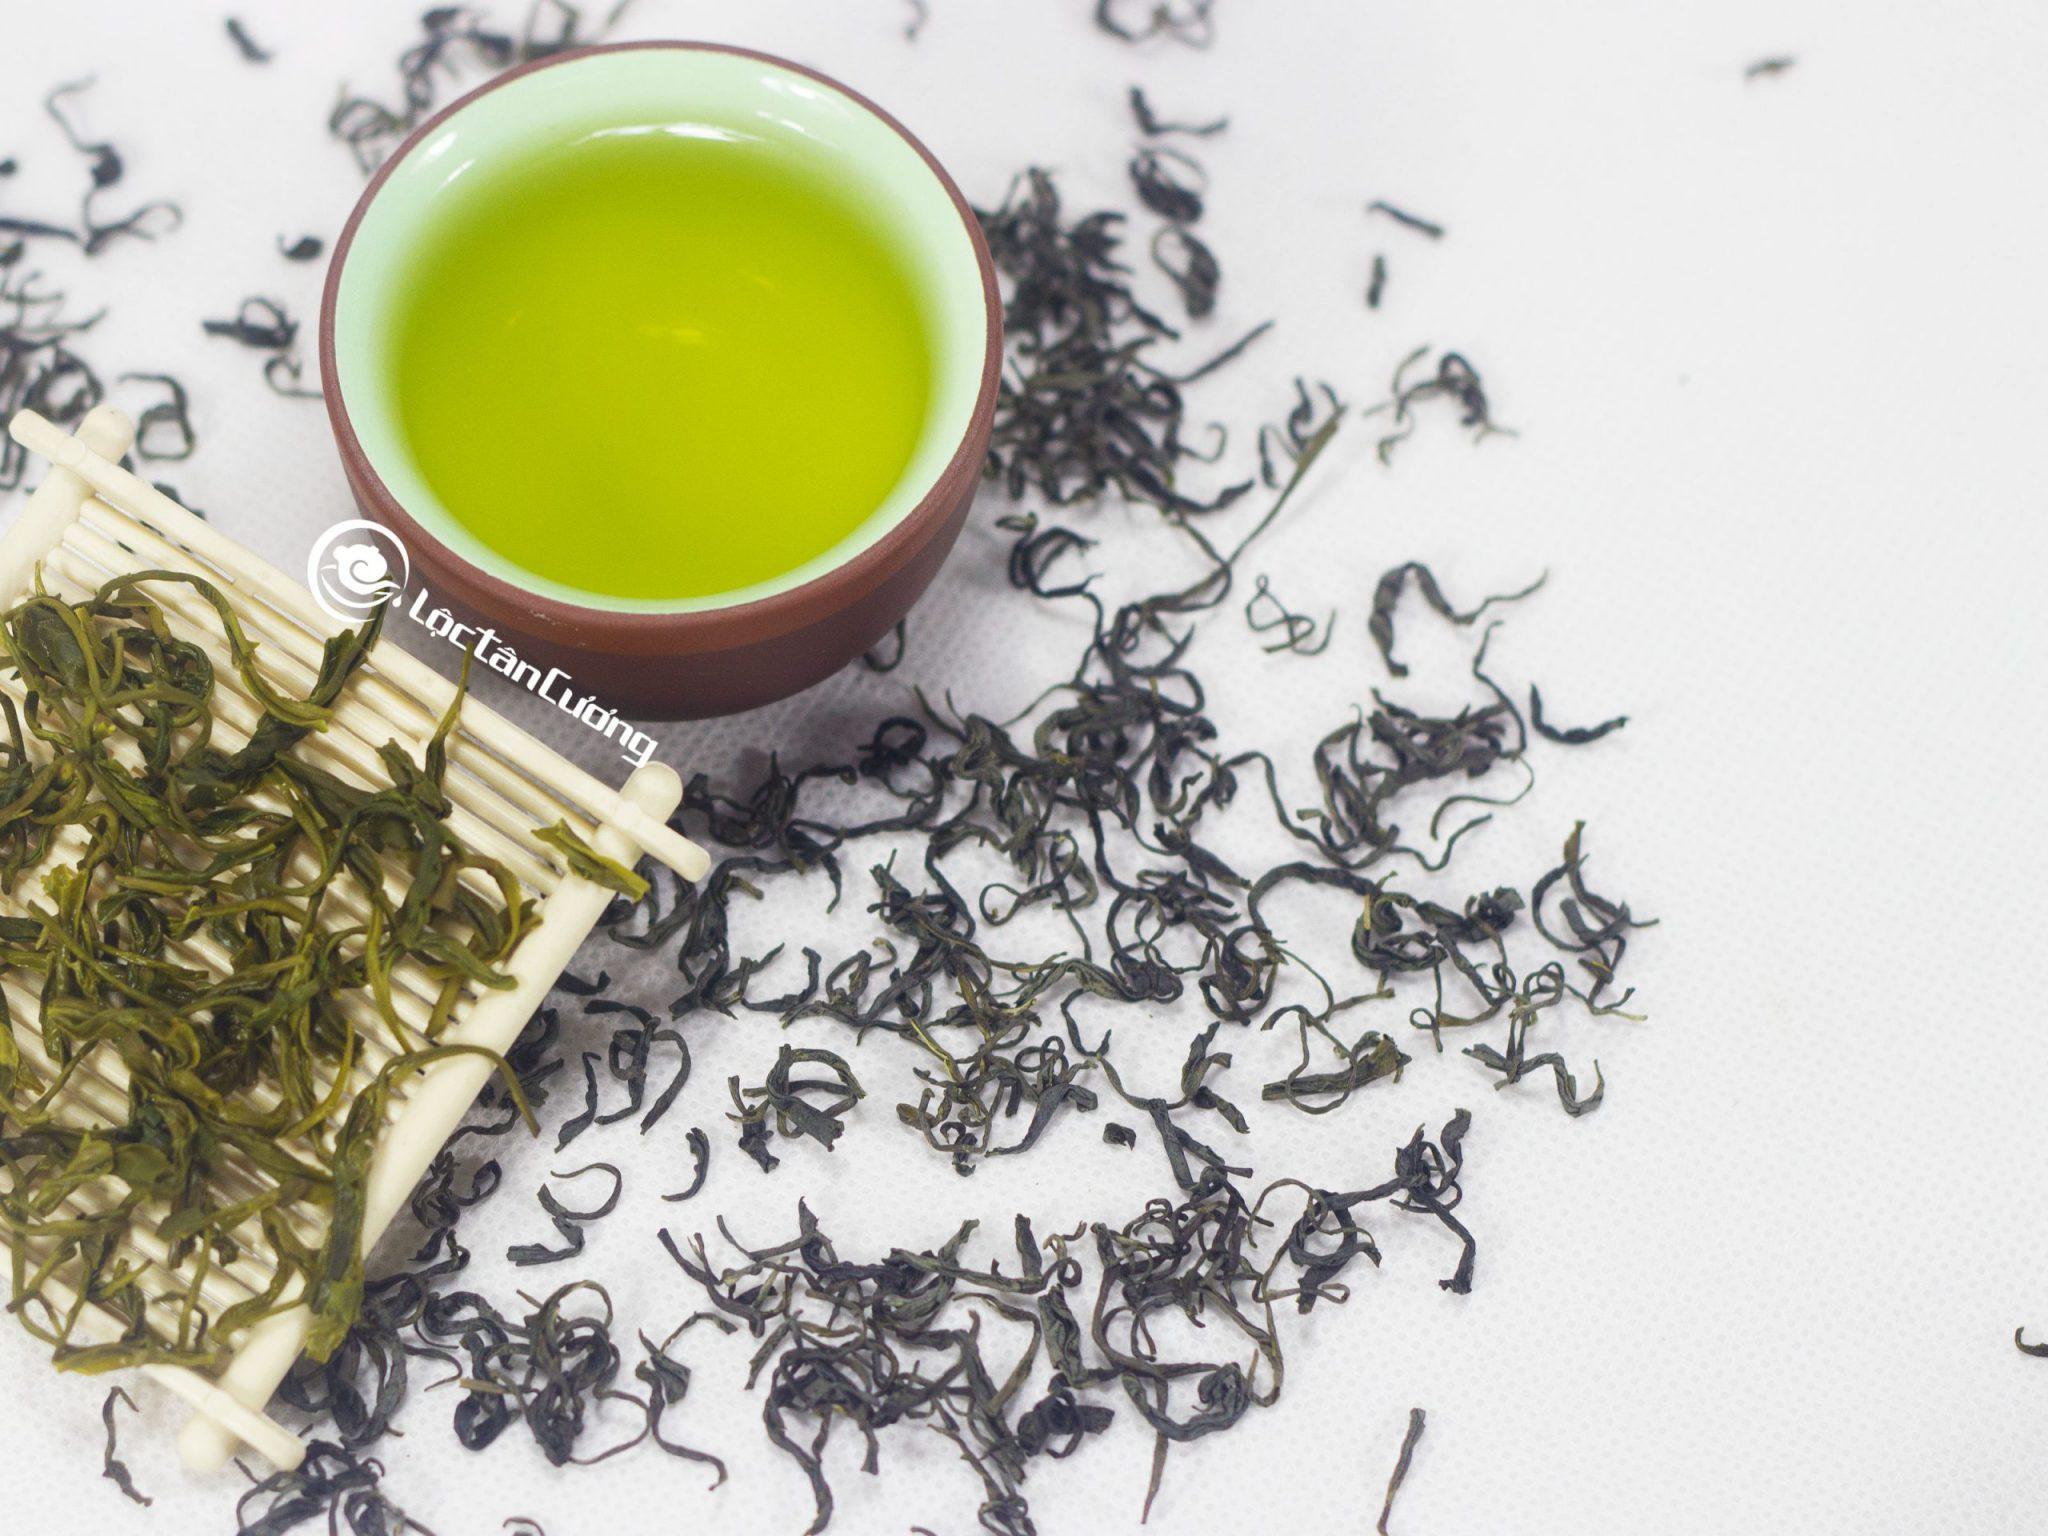 Trà thái nguyên hay còn được nhiều người gọi là trà bắc là loại trà có hương vị thơm ngon mùi cốm non, vị chát nhẹ, hậu ngọt, ngậy và đượm đà